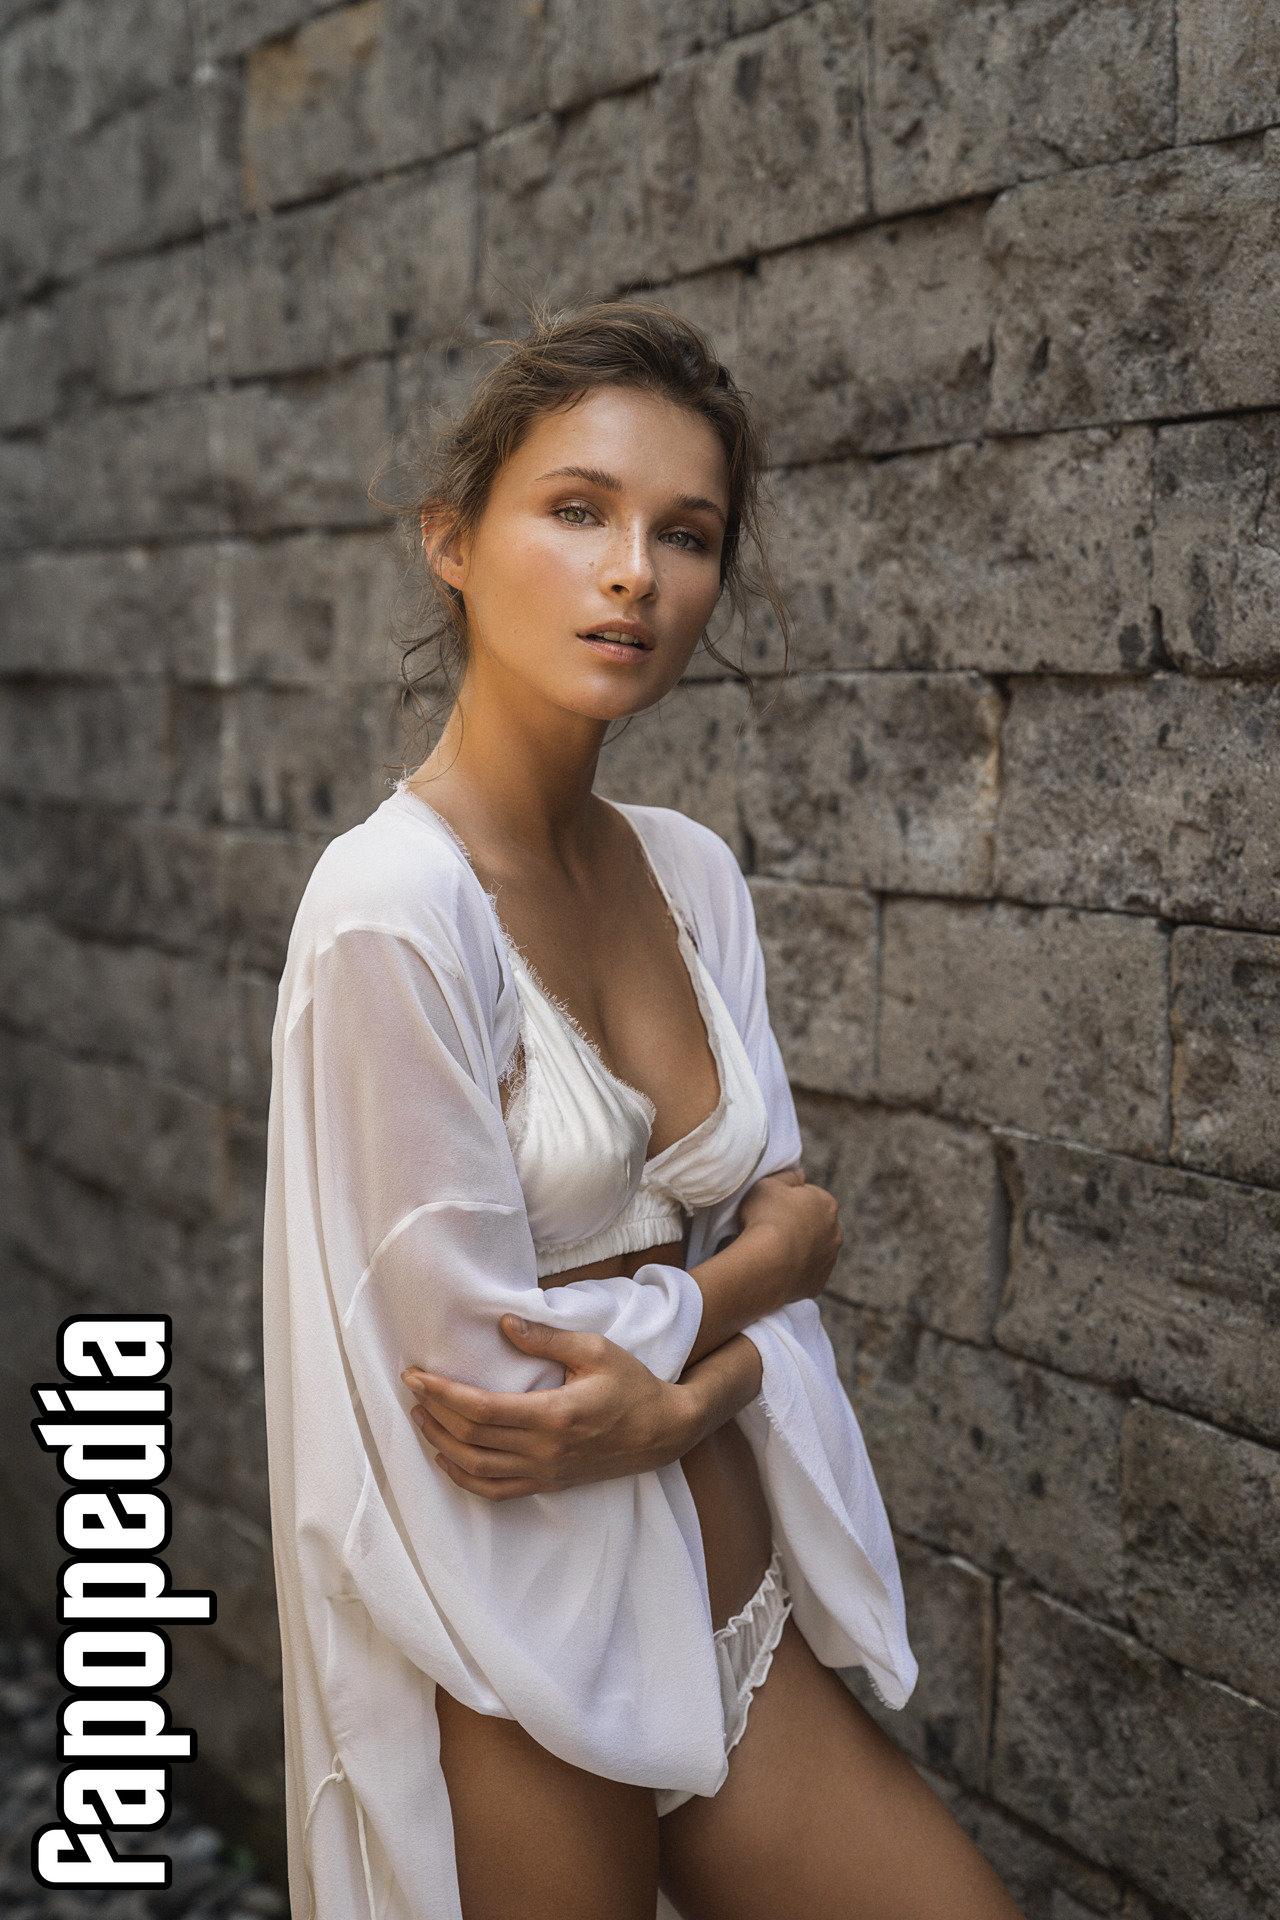 Anastasiya Primak Nude Leaks